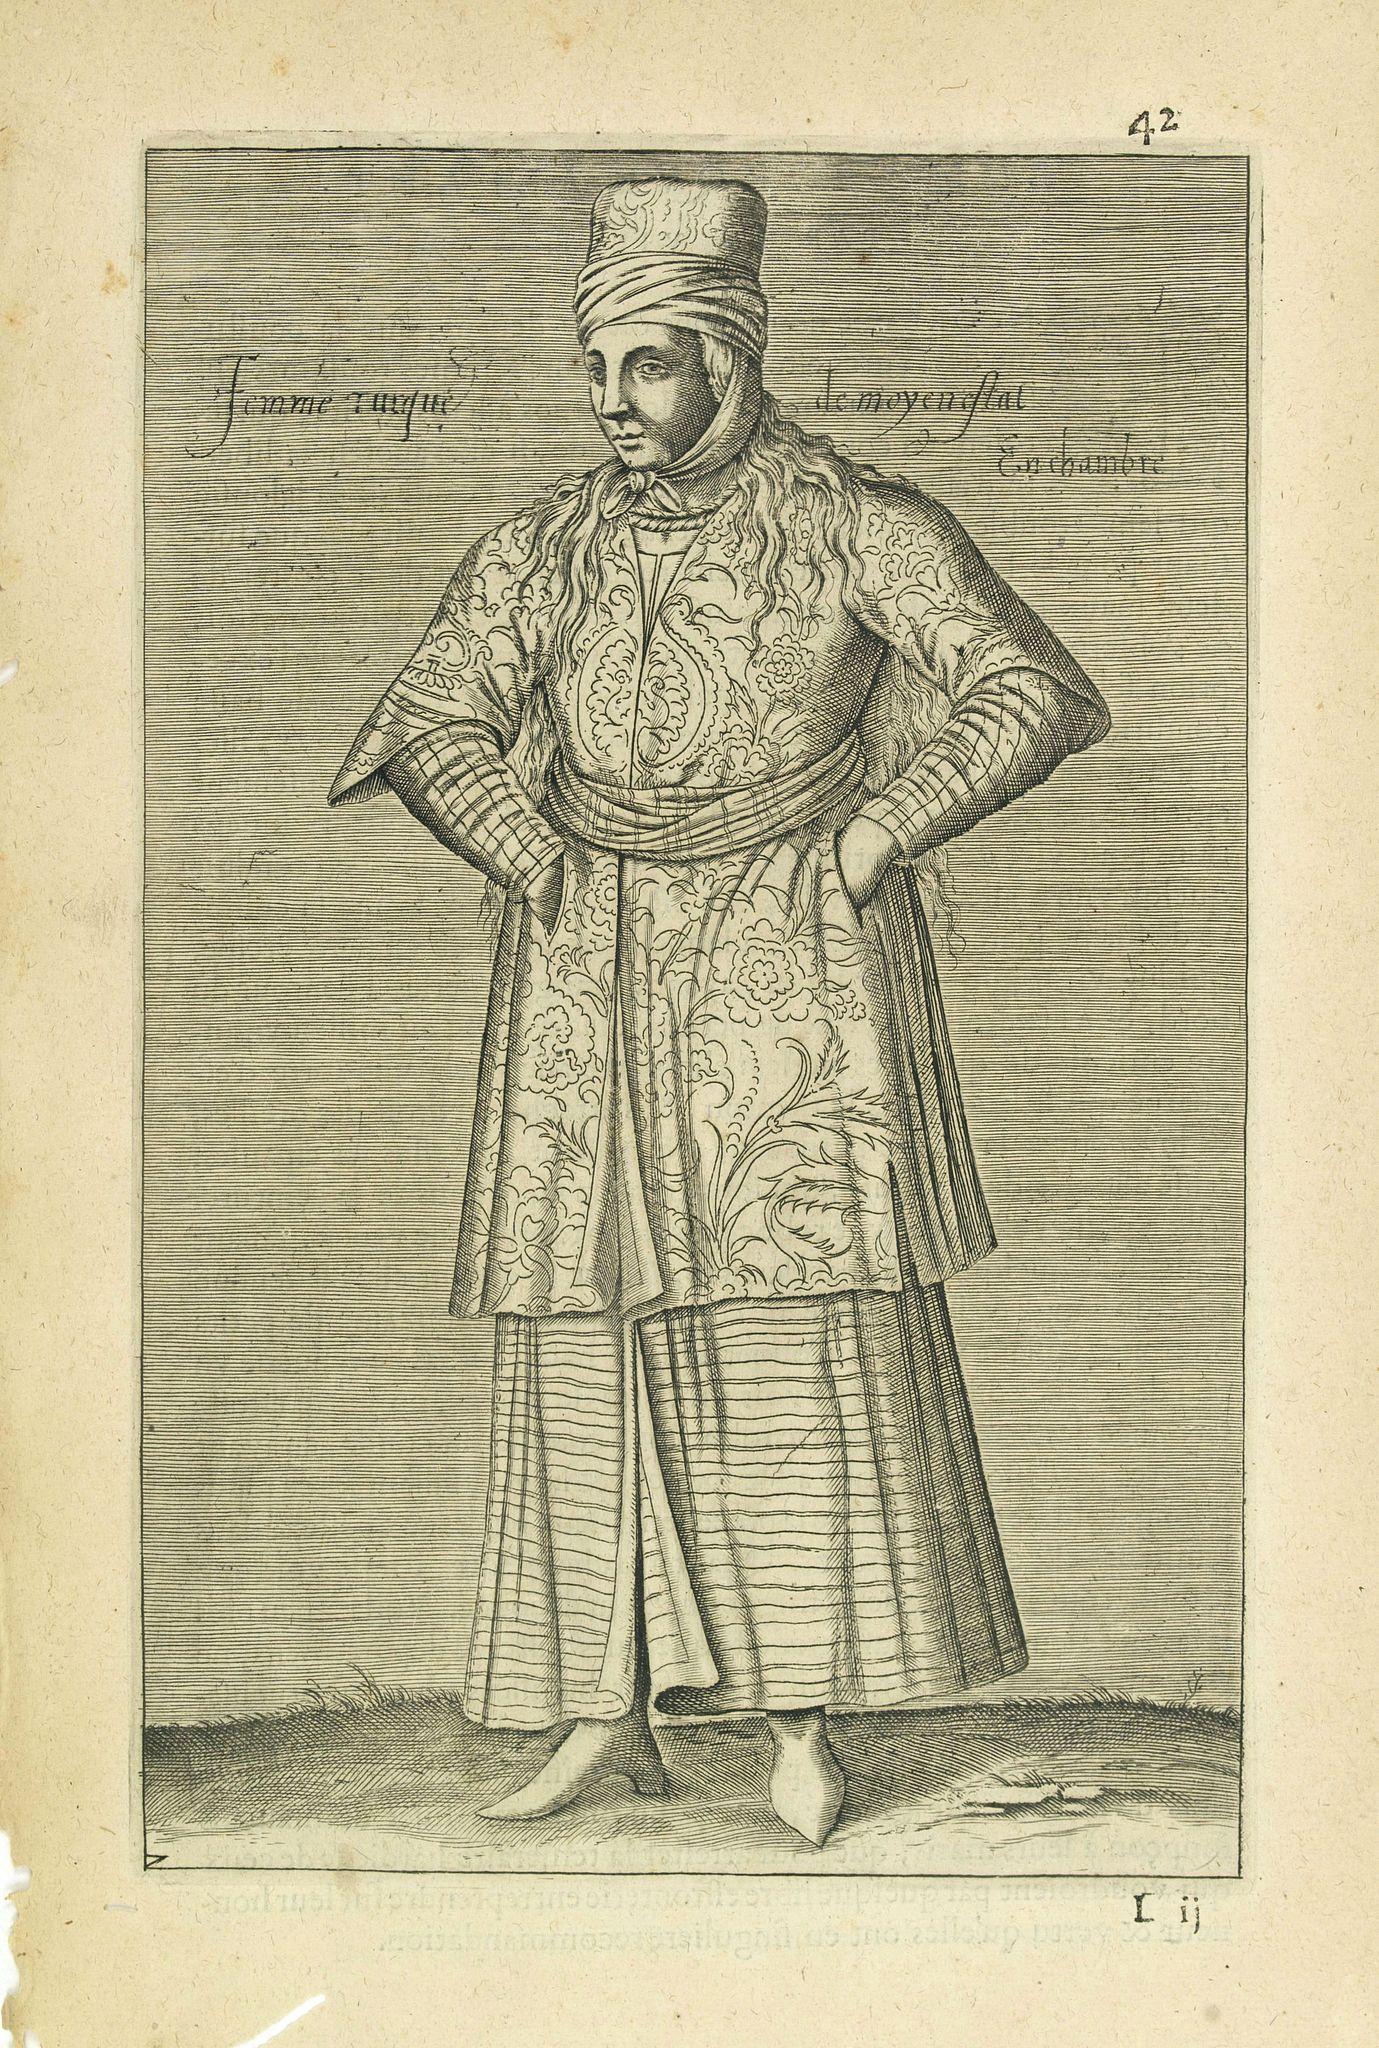 NICOLAS DE NICOLAY, Thomas Artus (sieur d'Embry). -  Femme Turque de moyen estat En chambre. (42)